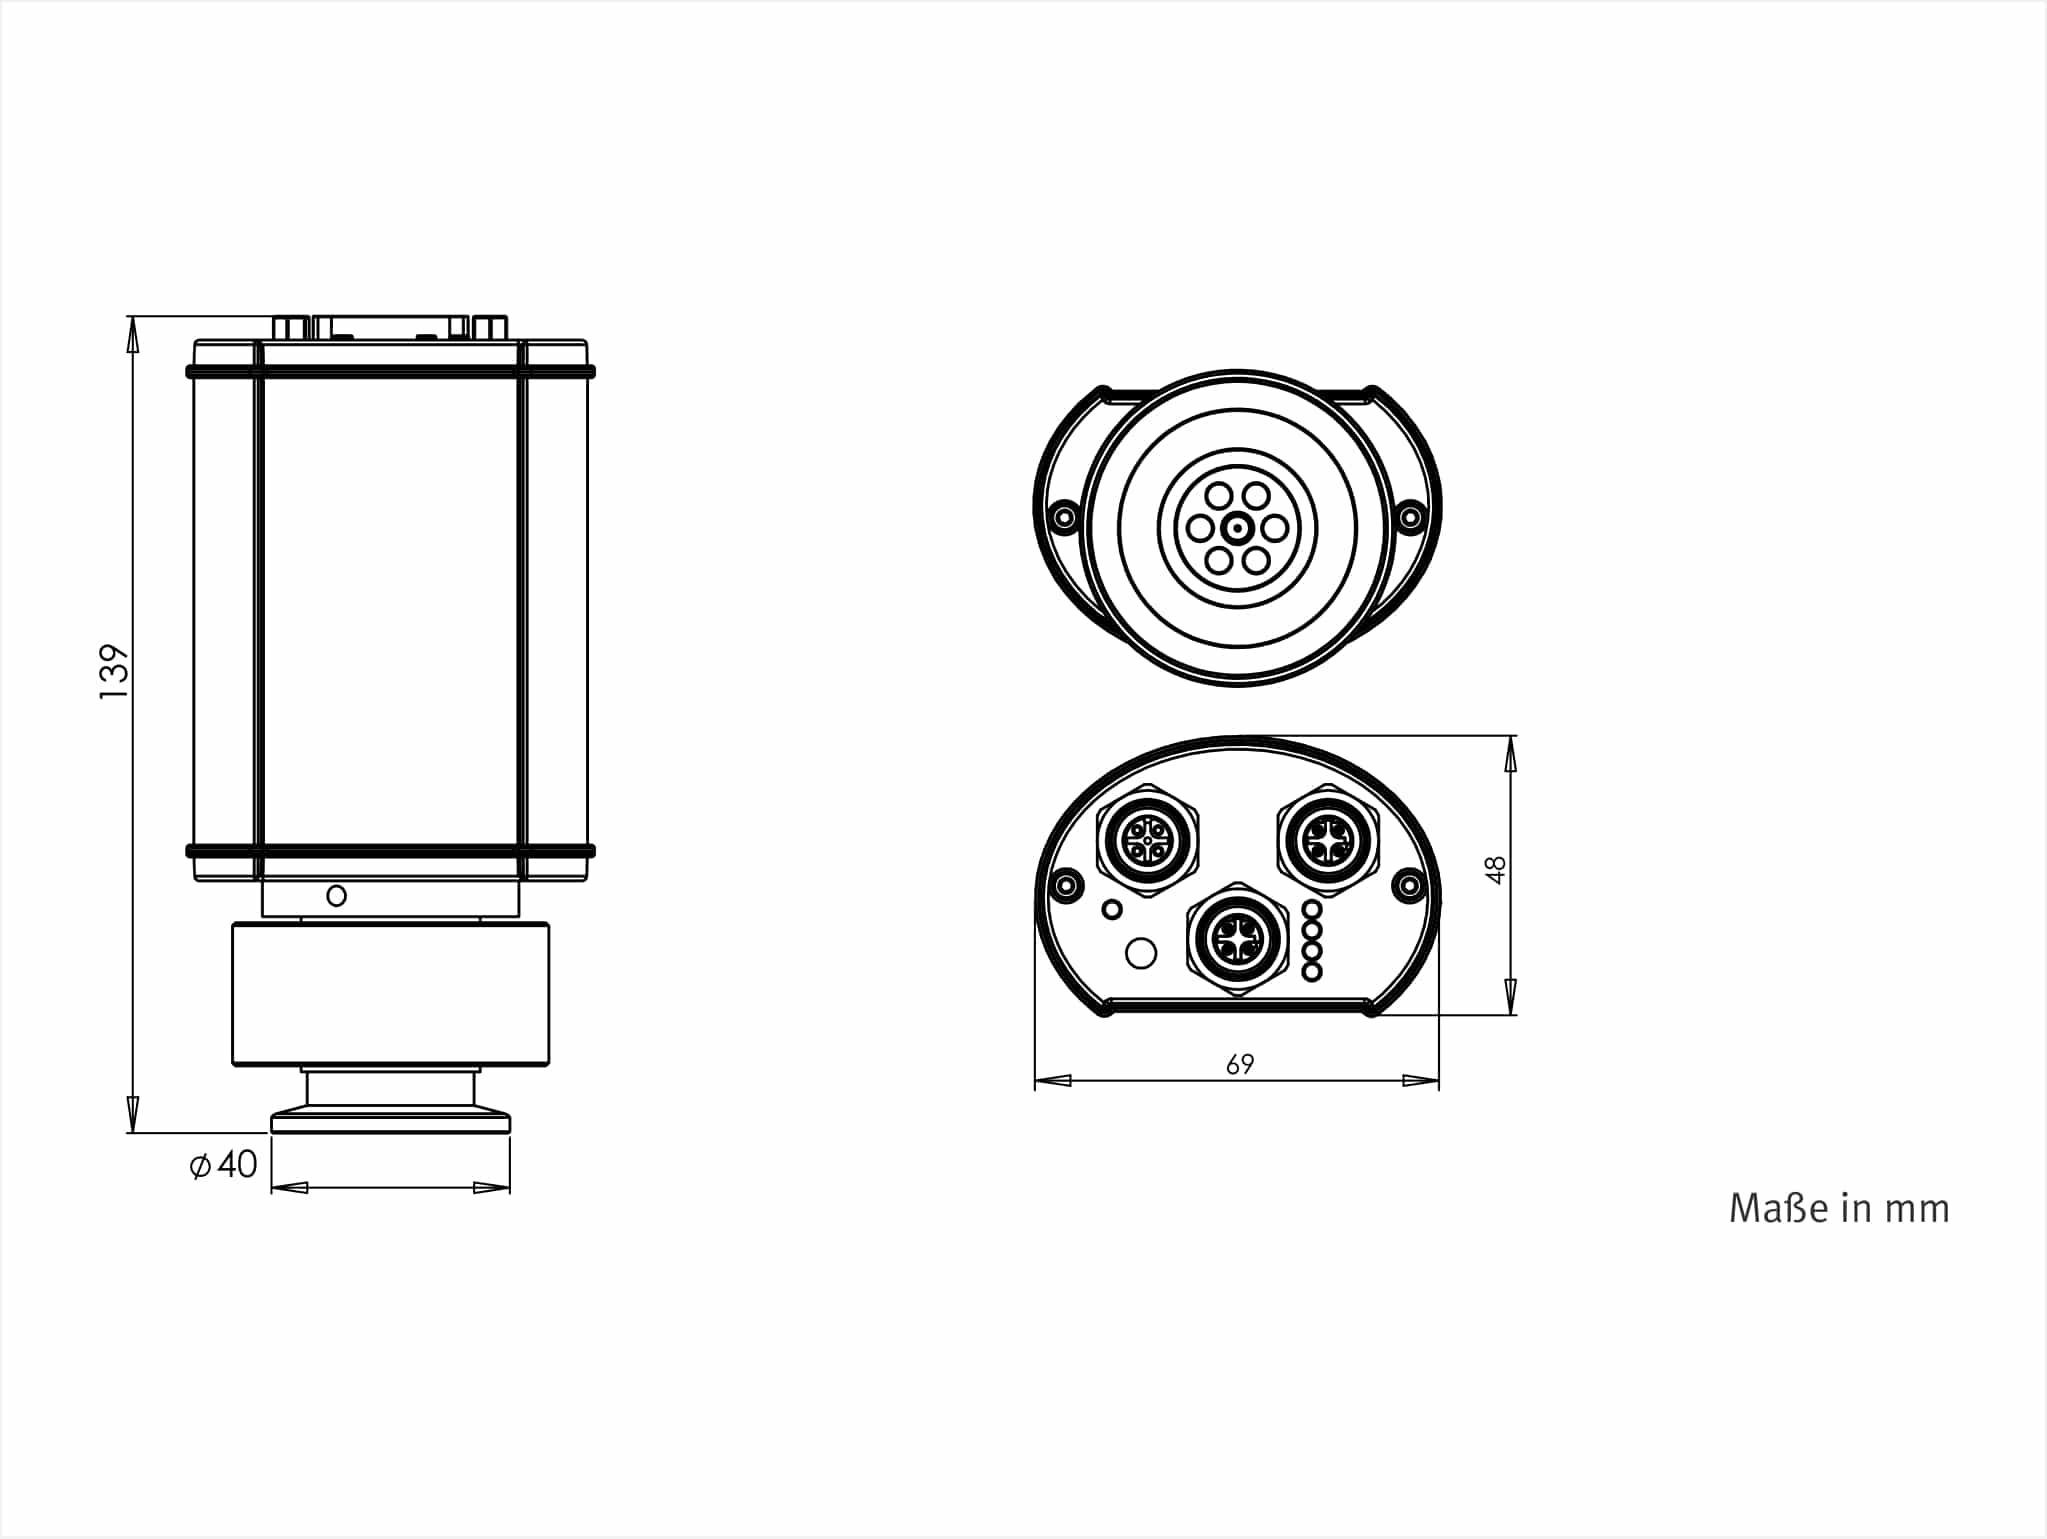 Vsm7xe Vacuum Transducer Ethercat Pirani Kaltkathode To 5e 9 Mbar